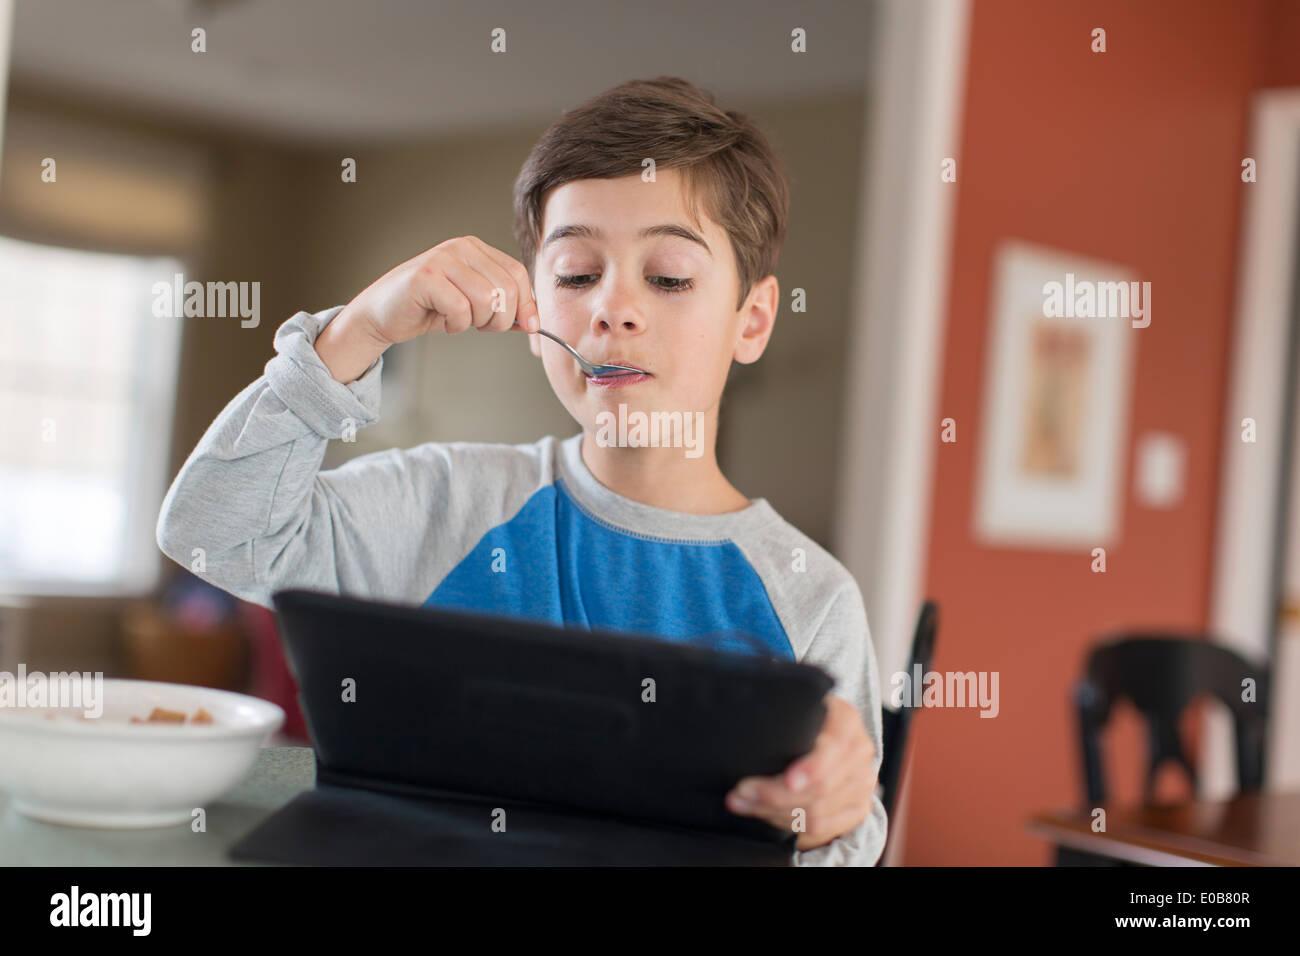 Chico mirando a tableta digital mientras desayunaba Imagen De Stock